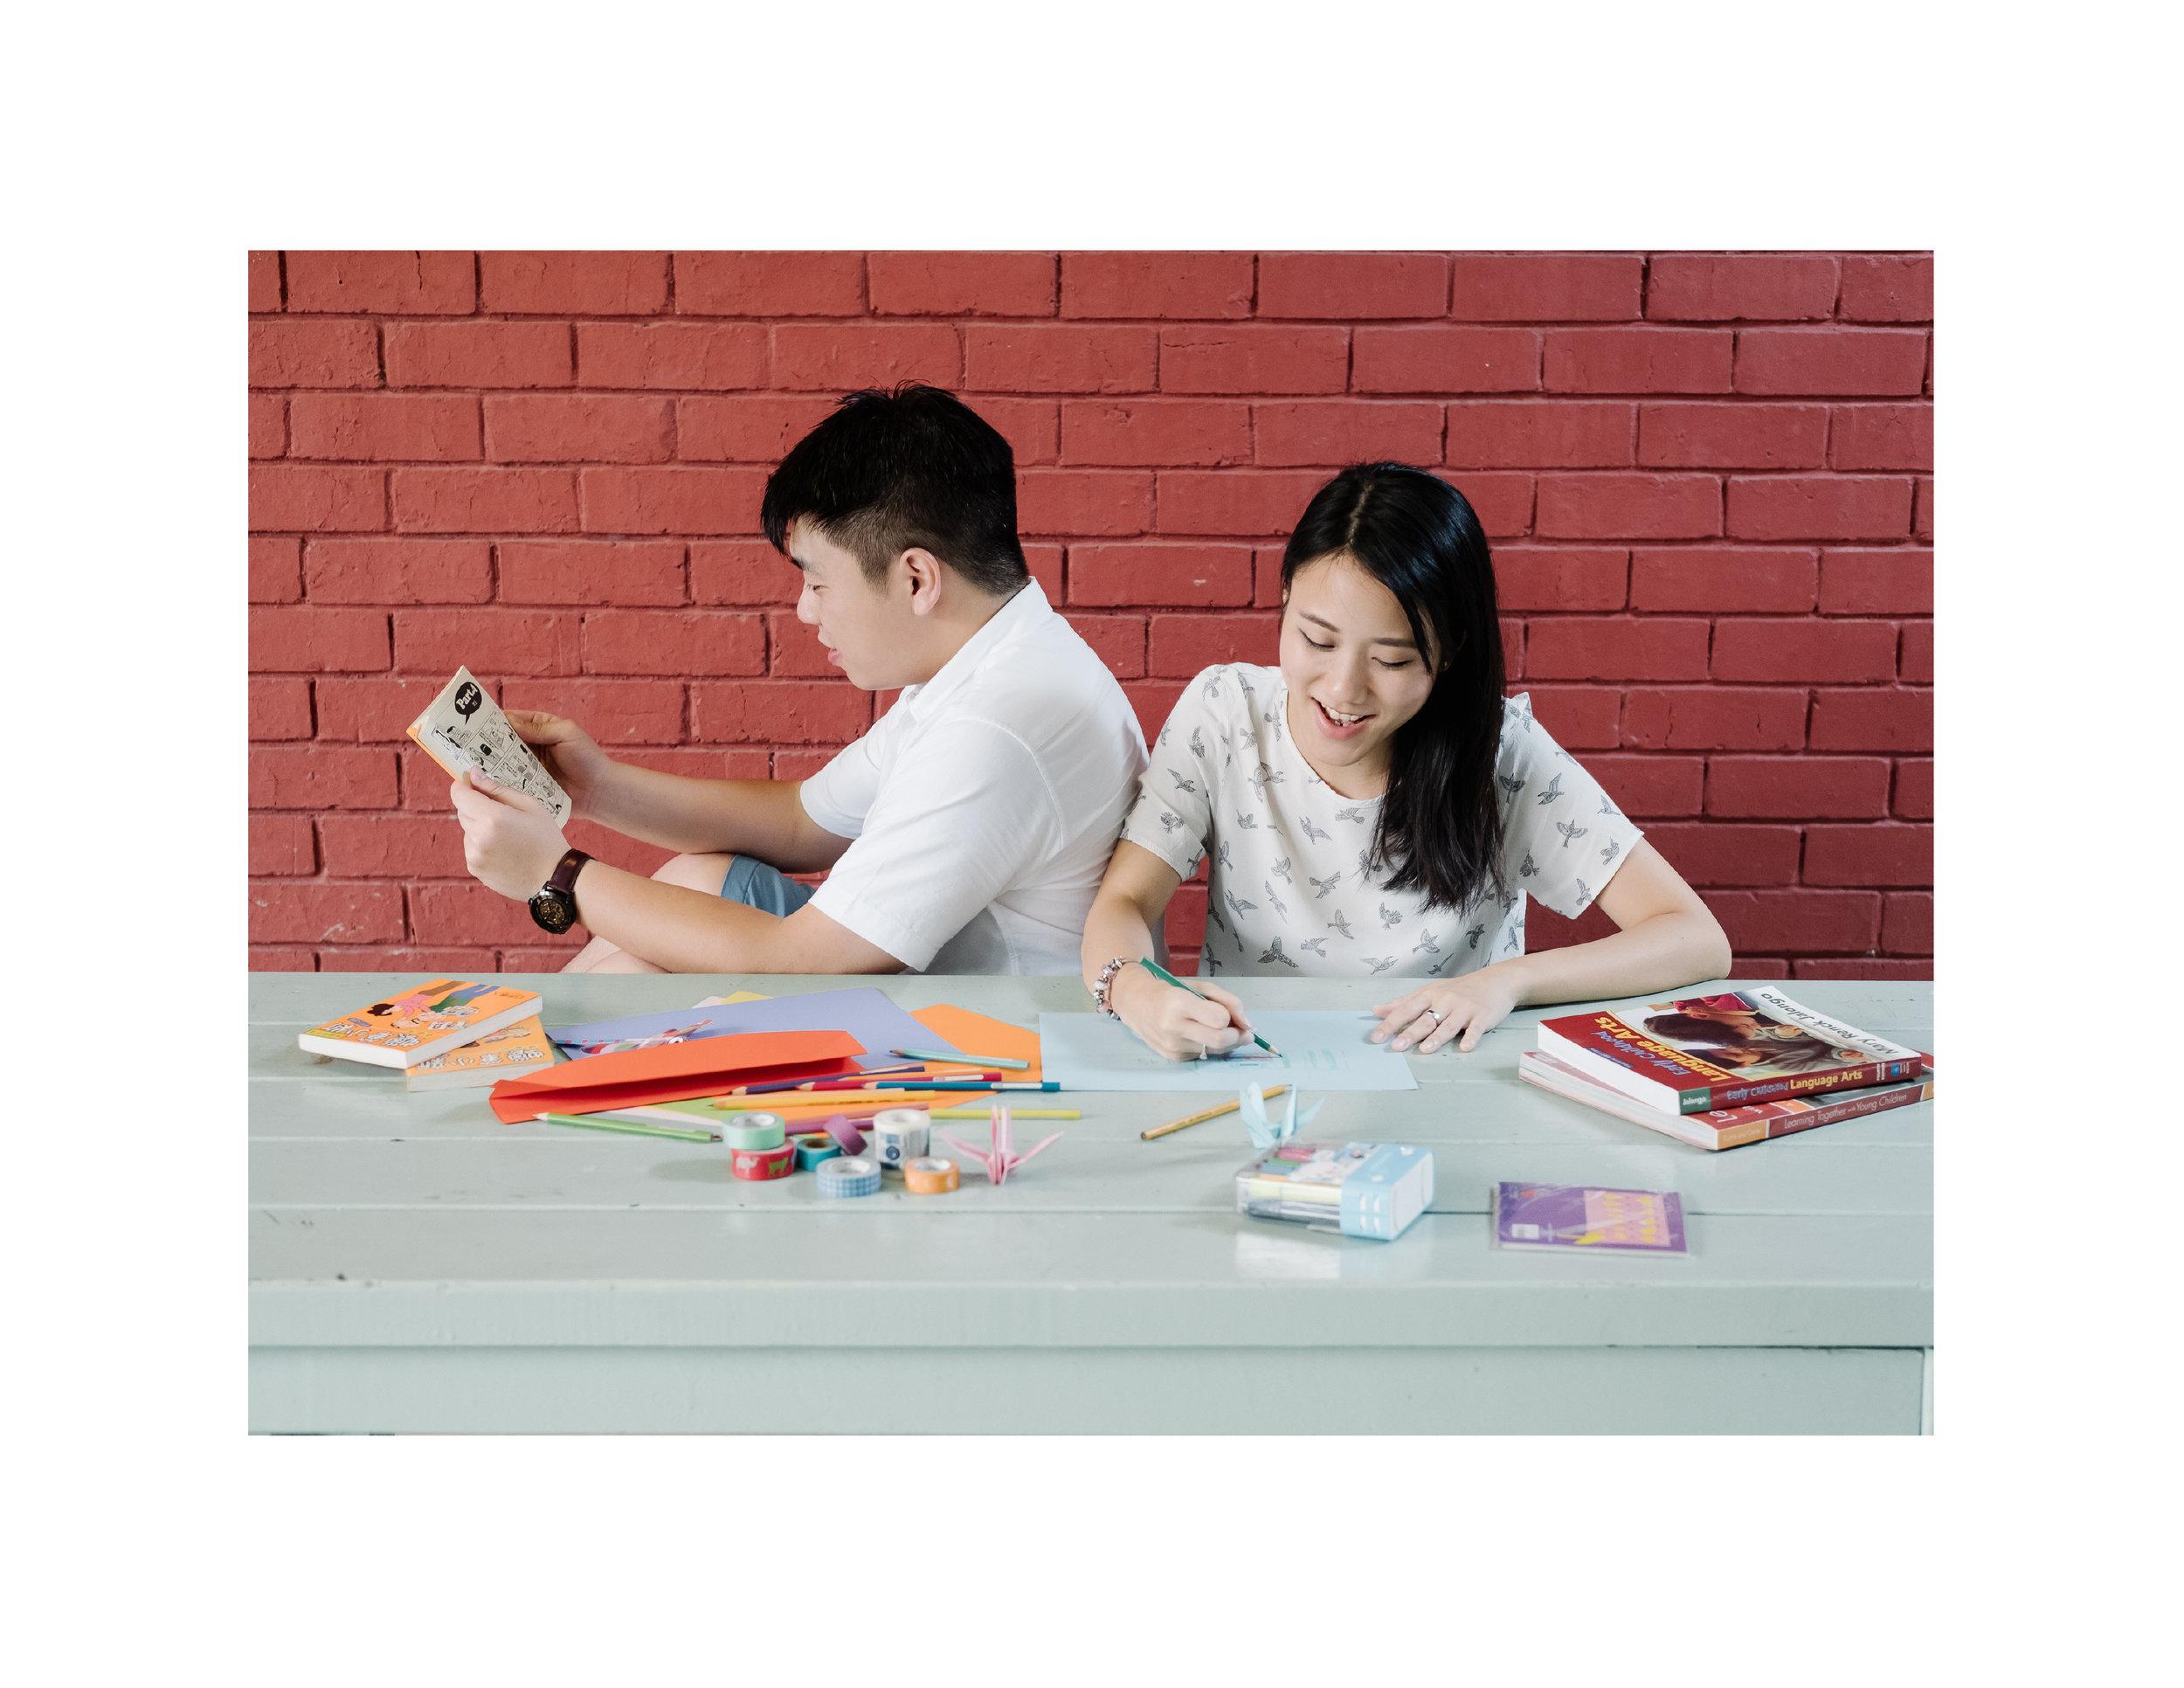 Joseph & Siu Wen_11x8.5in_5.jpg